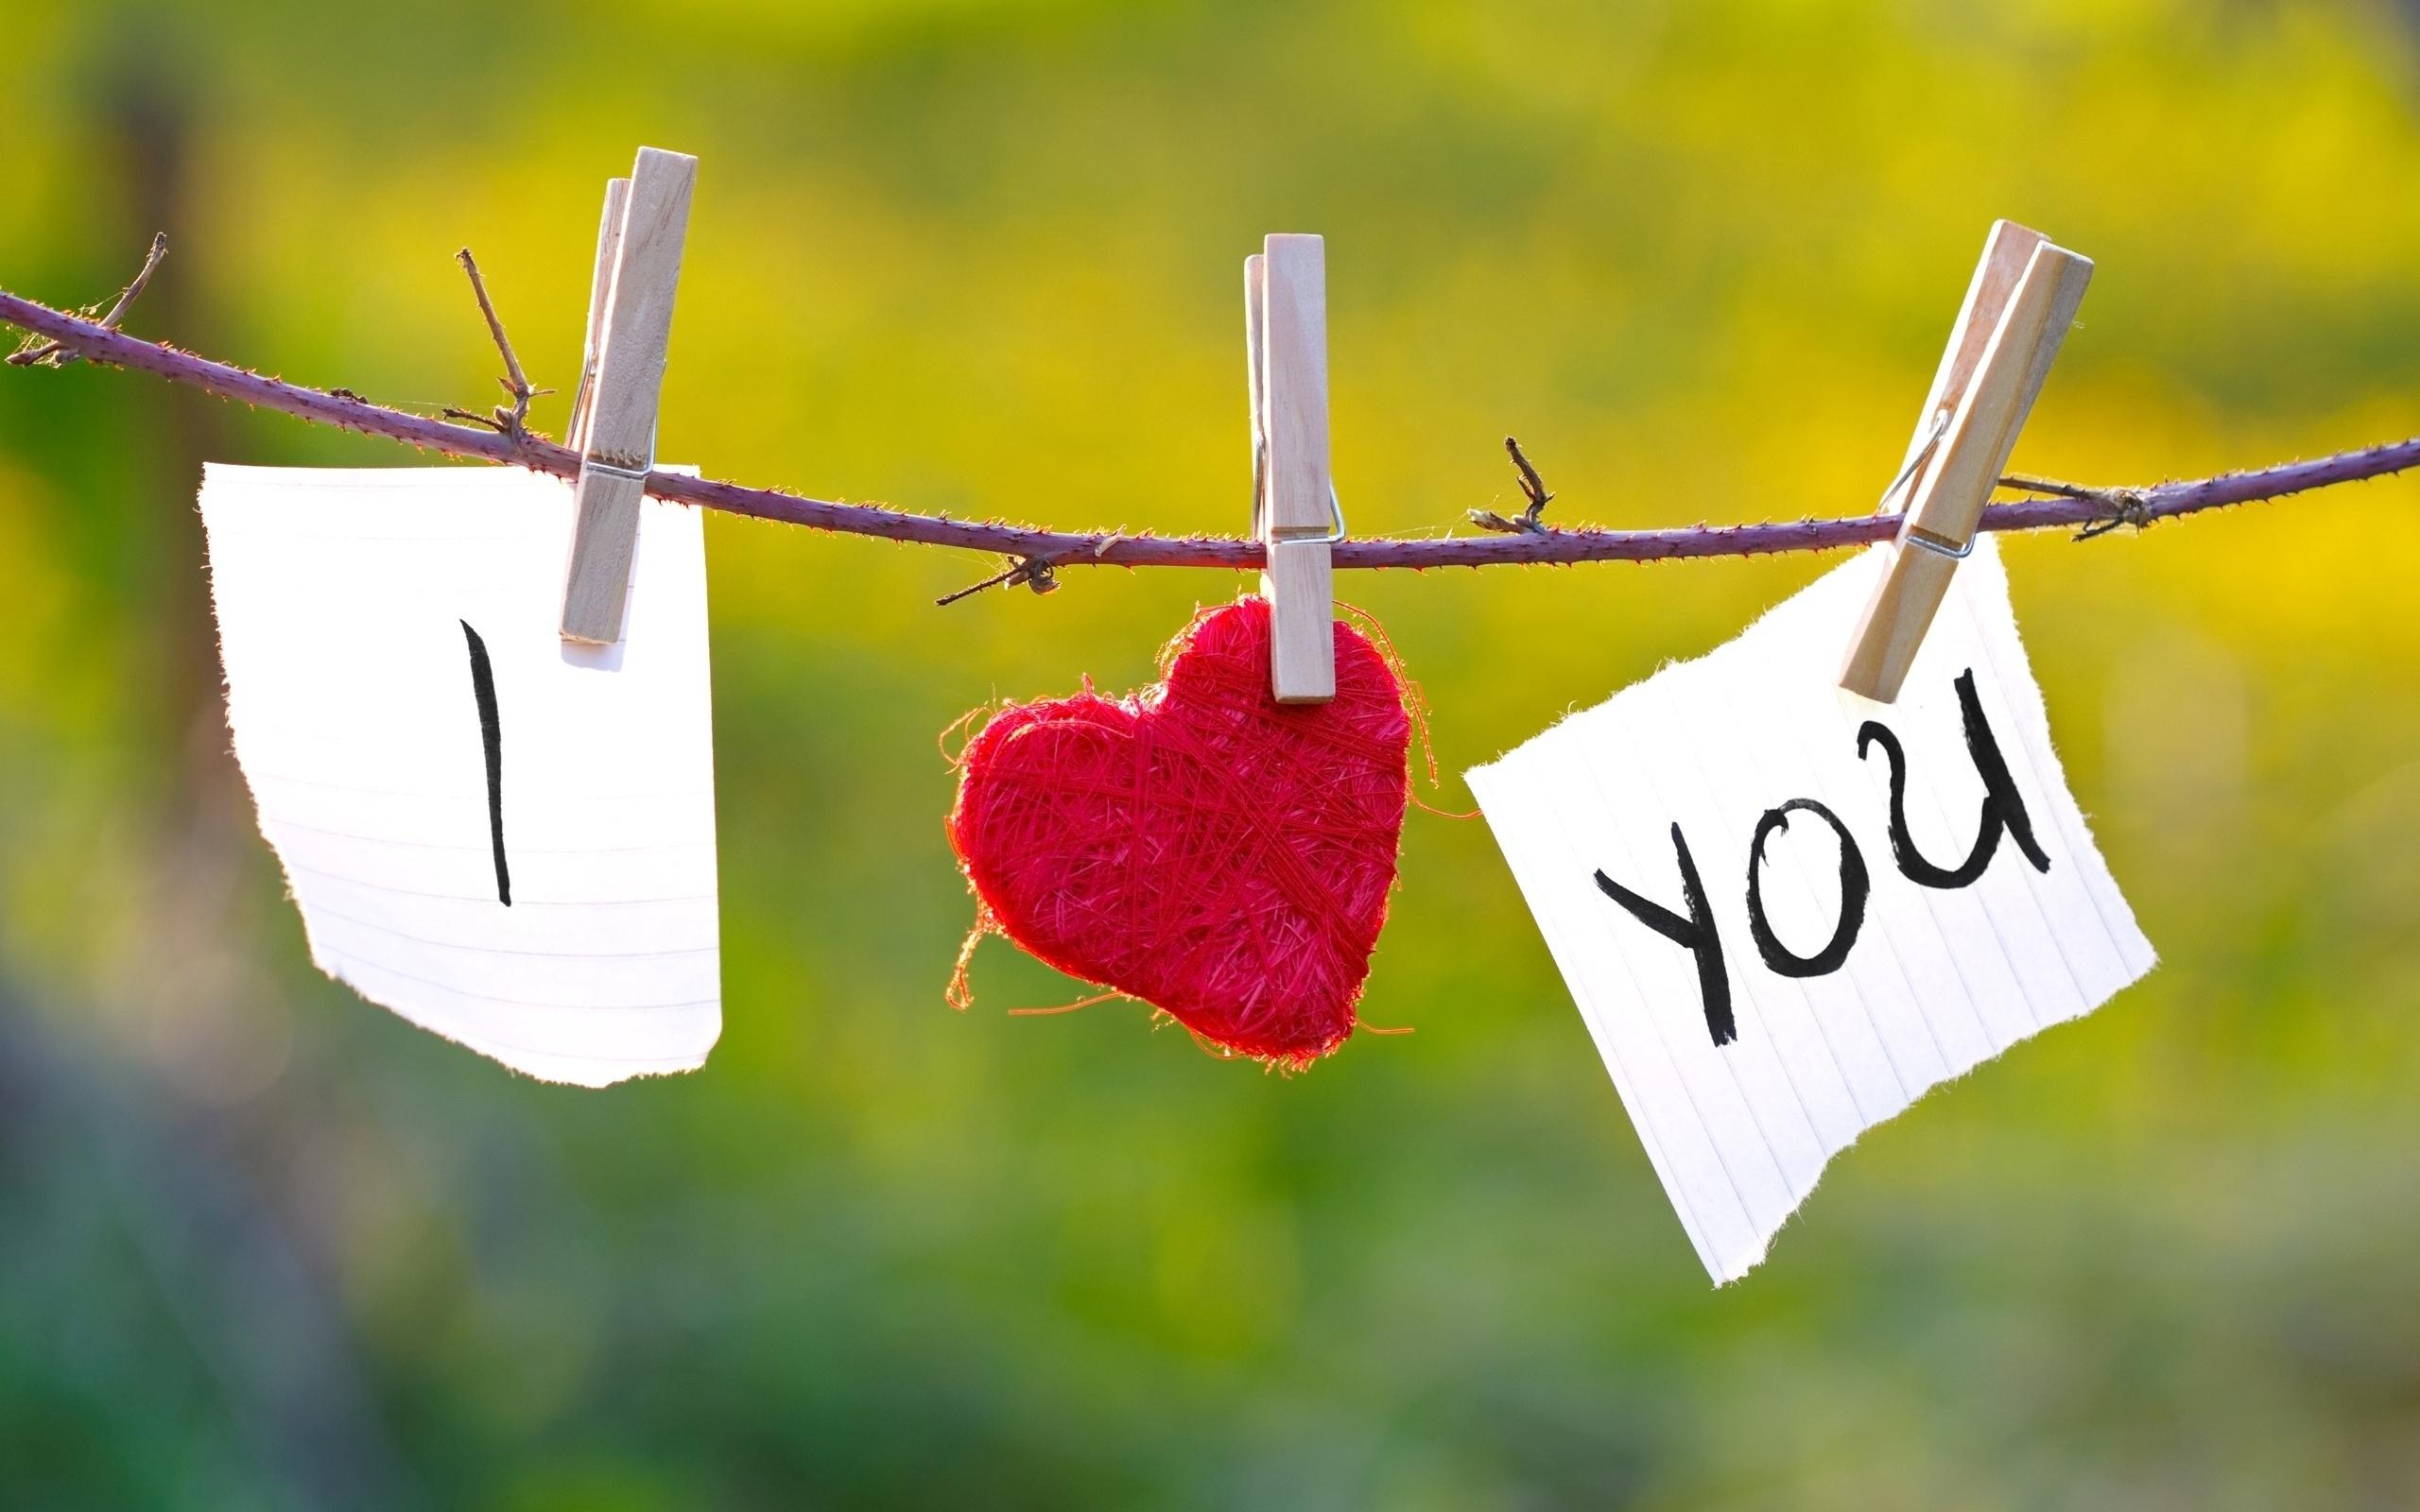 بالصور رسائل رومانسية , الرومانسيه ومسجات تحرك المشاعر 6700 12